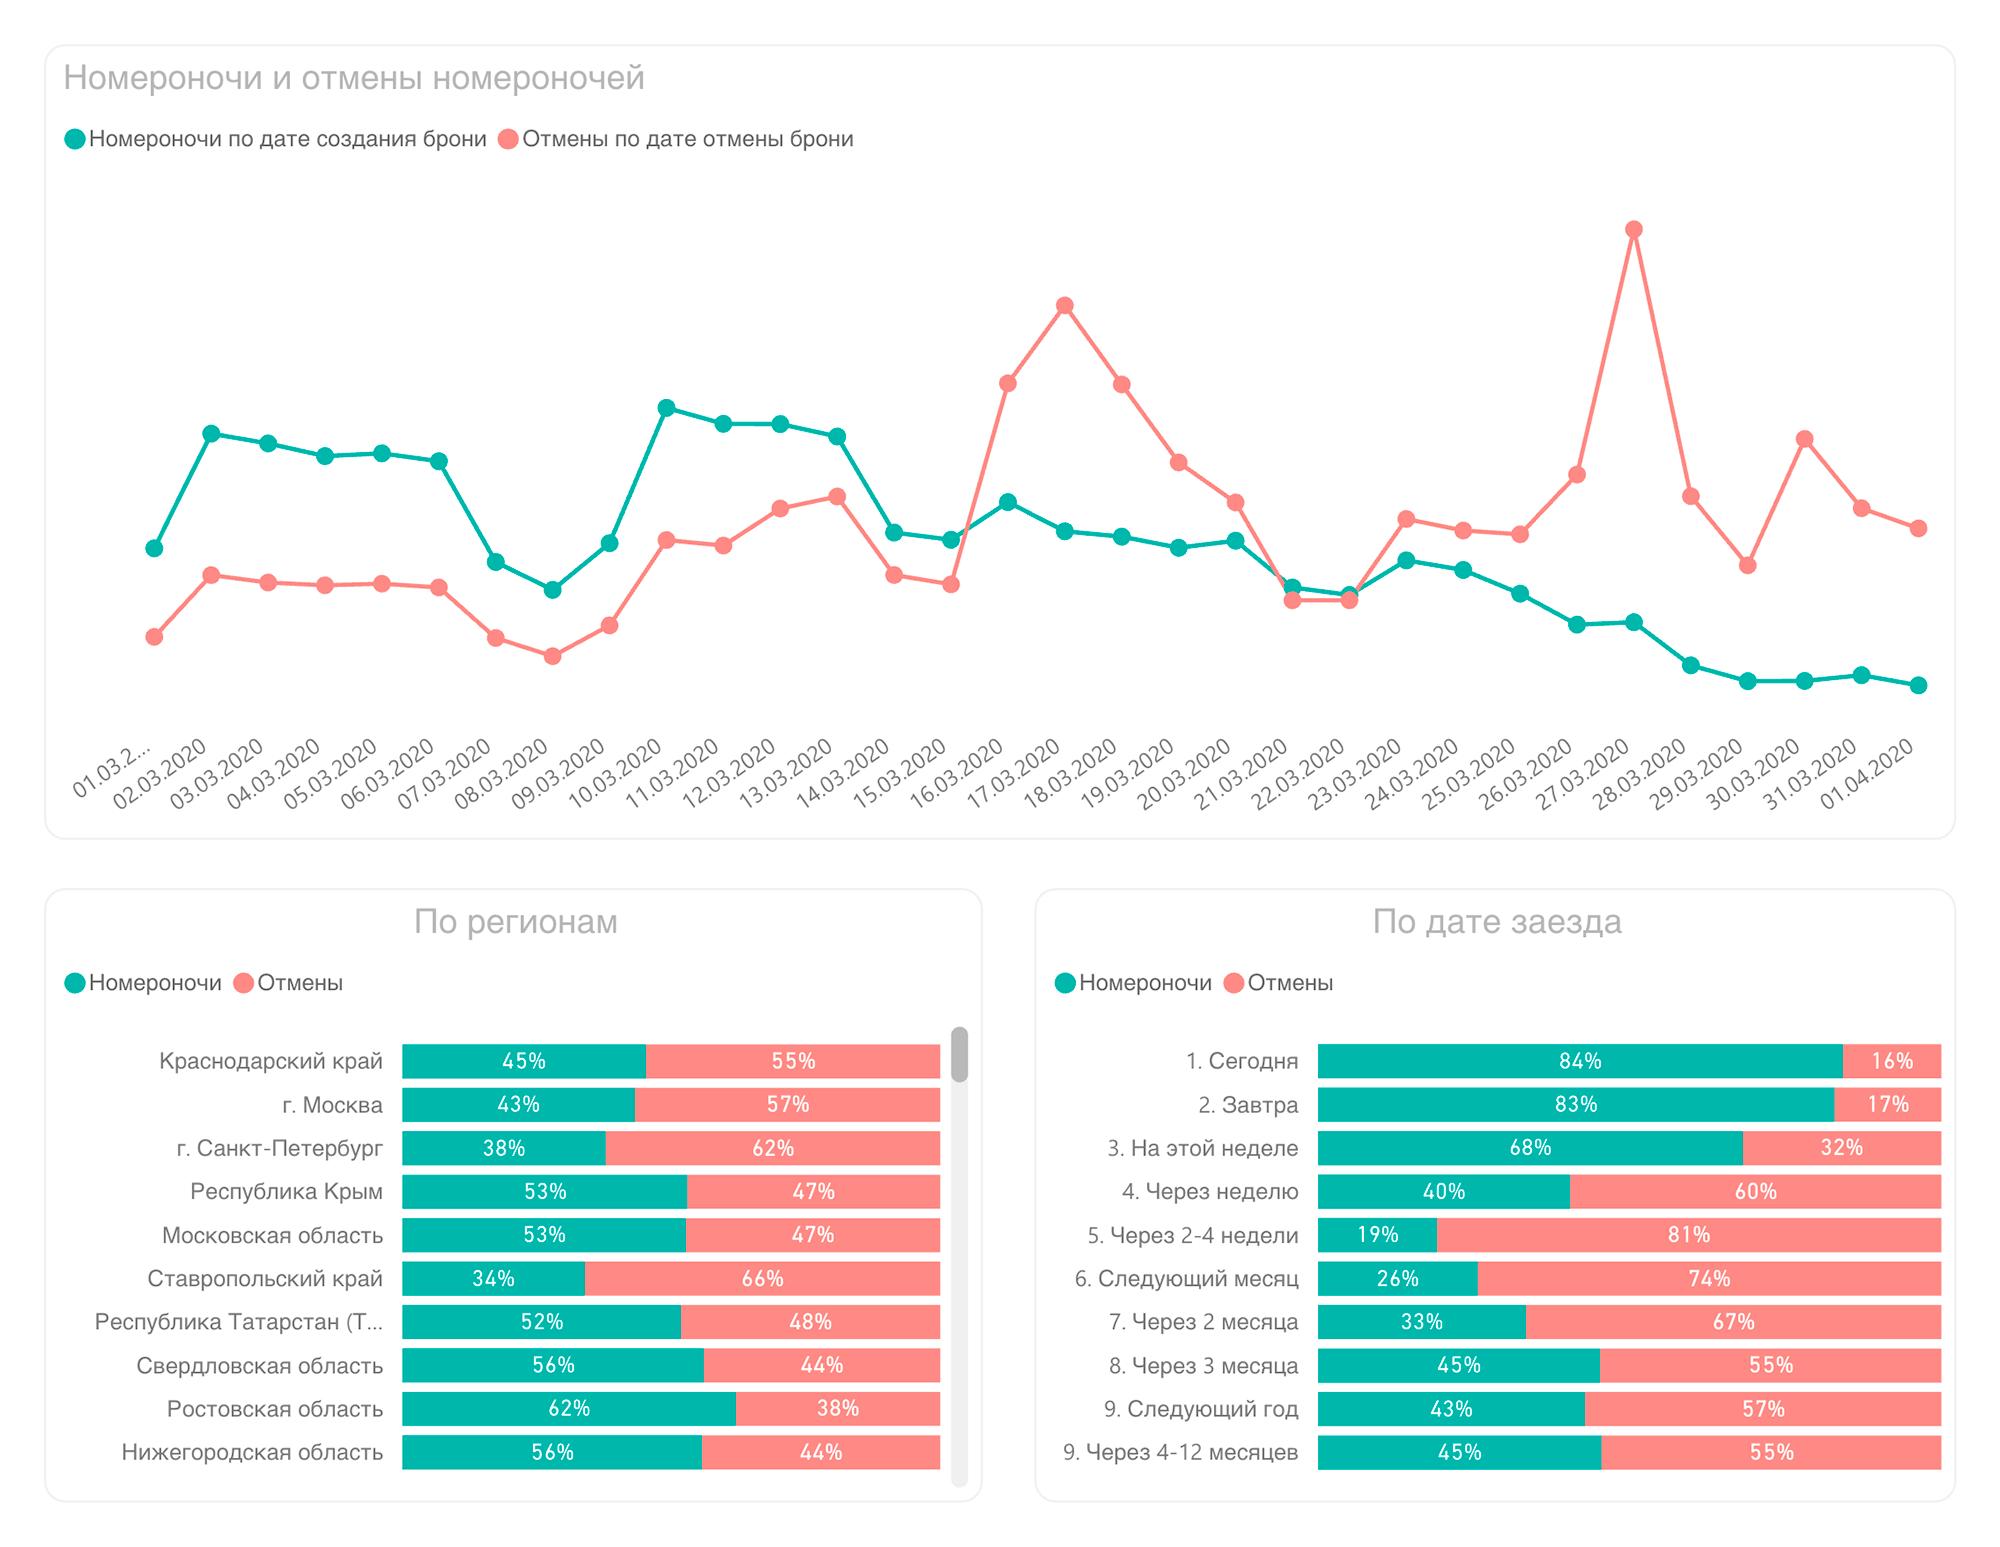 Компания Travelline, которая создает ИТ-инструменты для гостиничного бизнеса, составила график онлайн-бронирований и отмен в отелях России. В конце мая и июня бронирований примерно столько же, сколько отмен